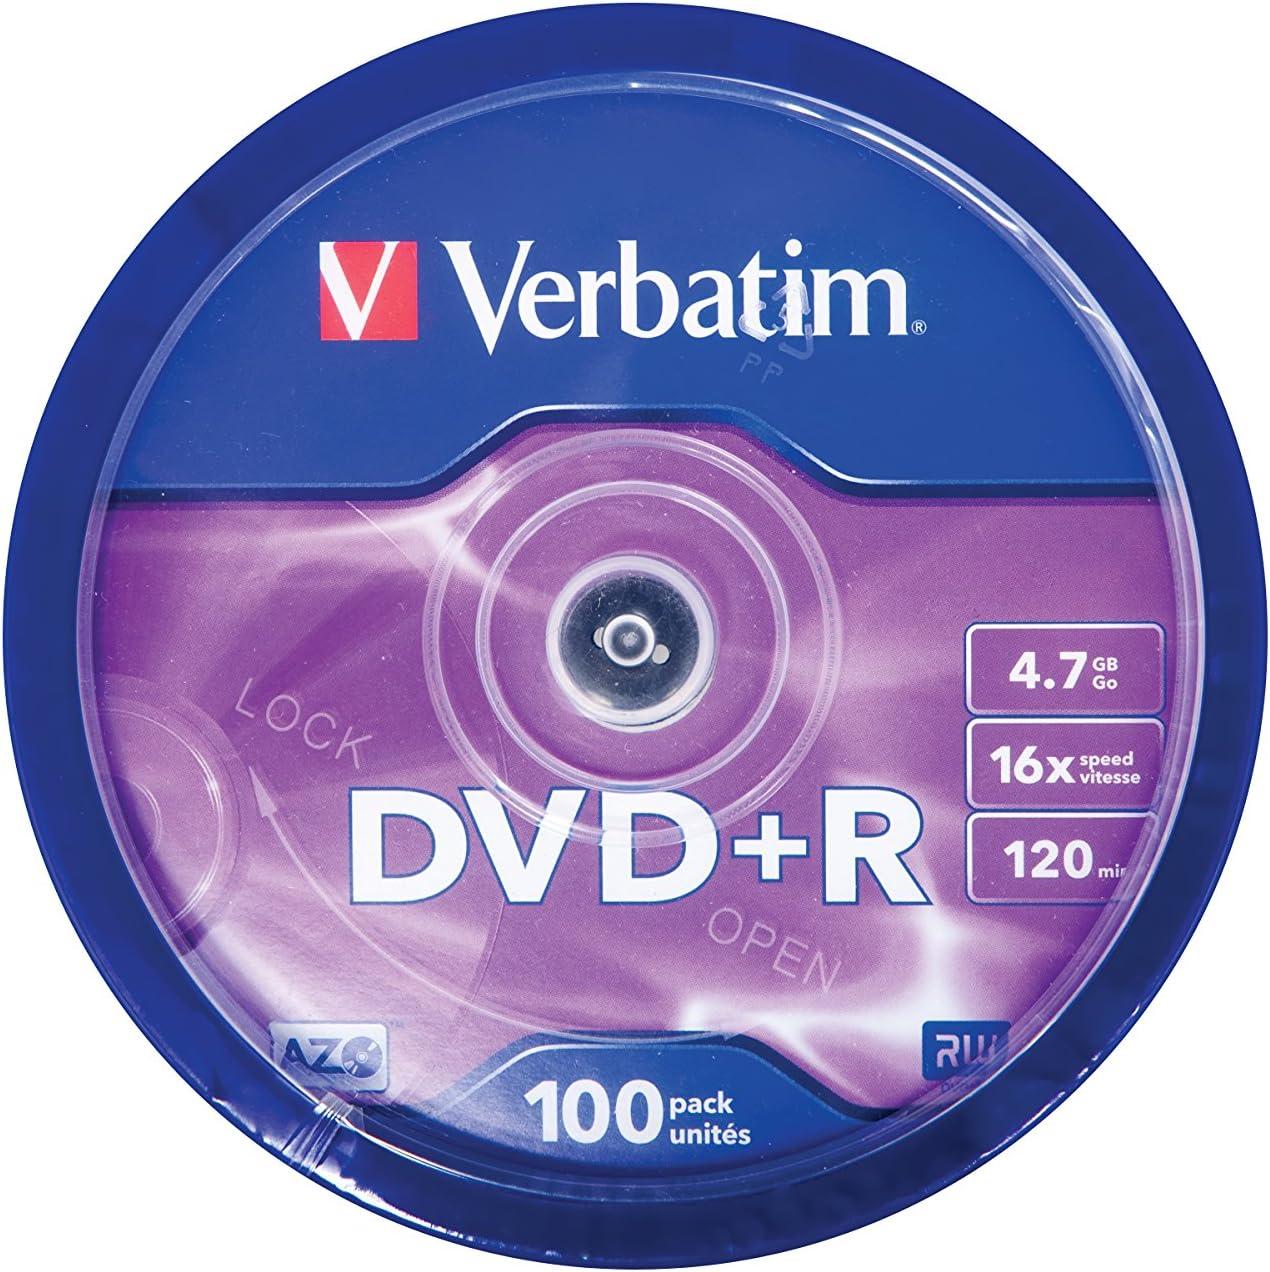 Verbatim 43551 - DVD+R vírgenes (100 Unidades, 4.7 GB, 16x) Multicolor: Verbatim: Amazon.es: Informática